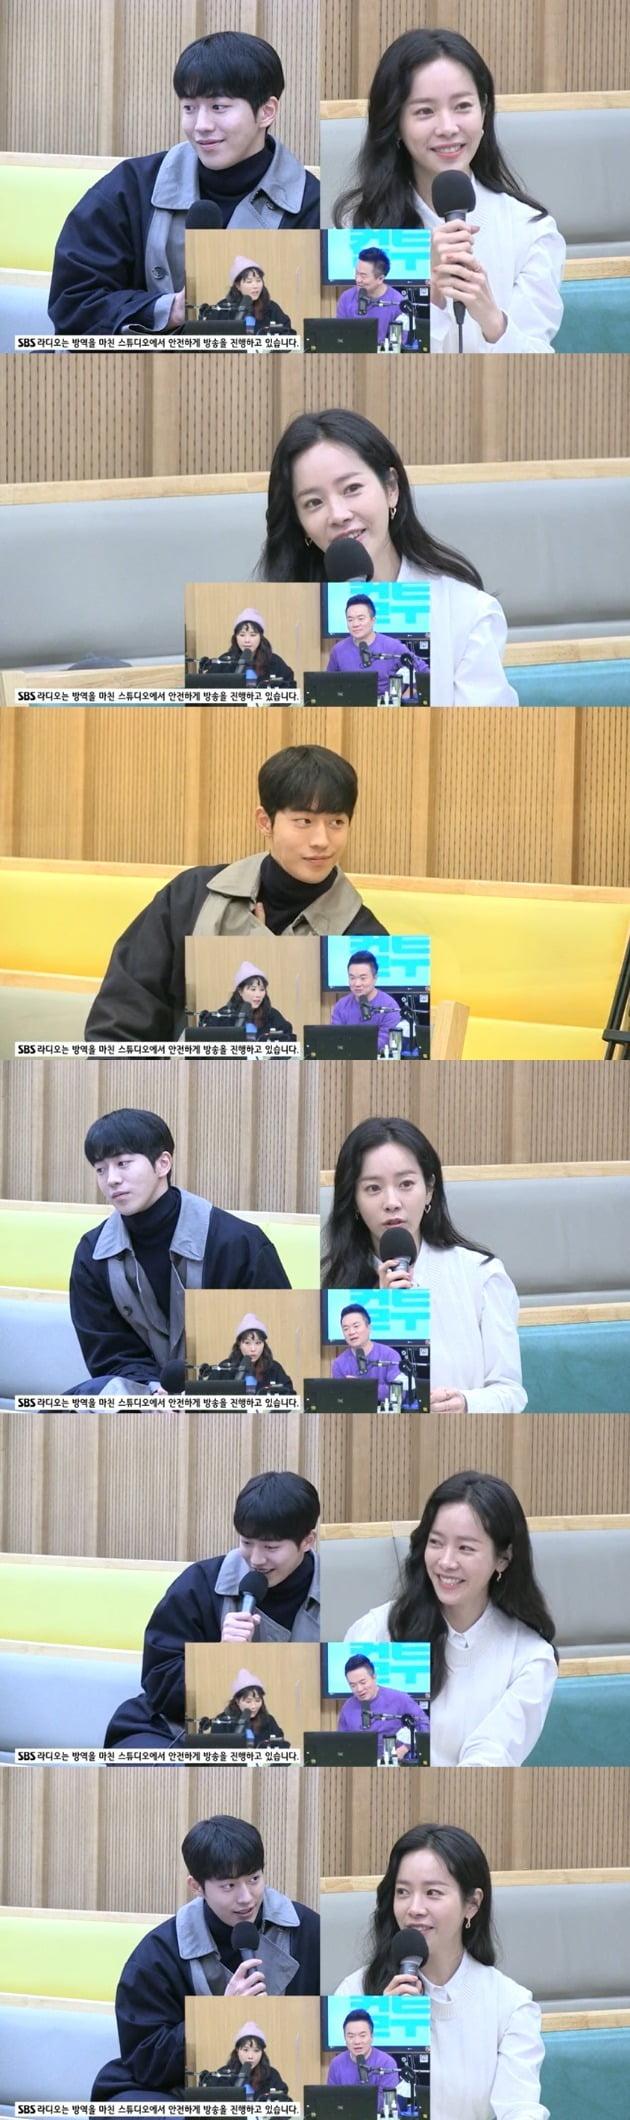 한지민, 남주혁이 '컬투쇼'에 출연했다. / 사진=SBS라디오 '컬투쇼' 방송 캡처